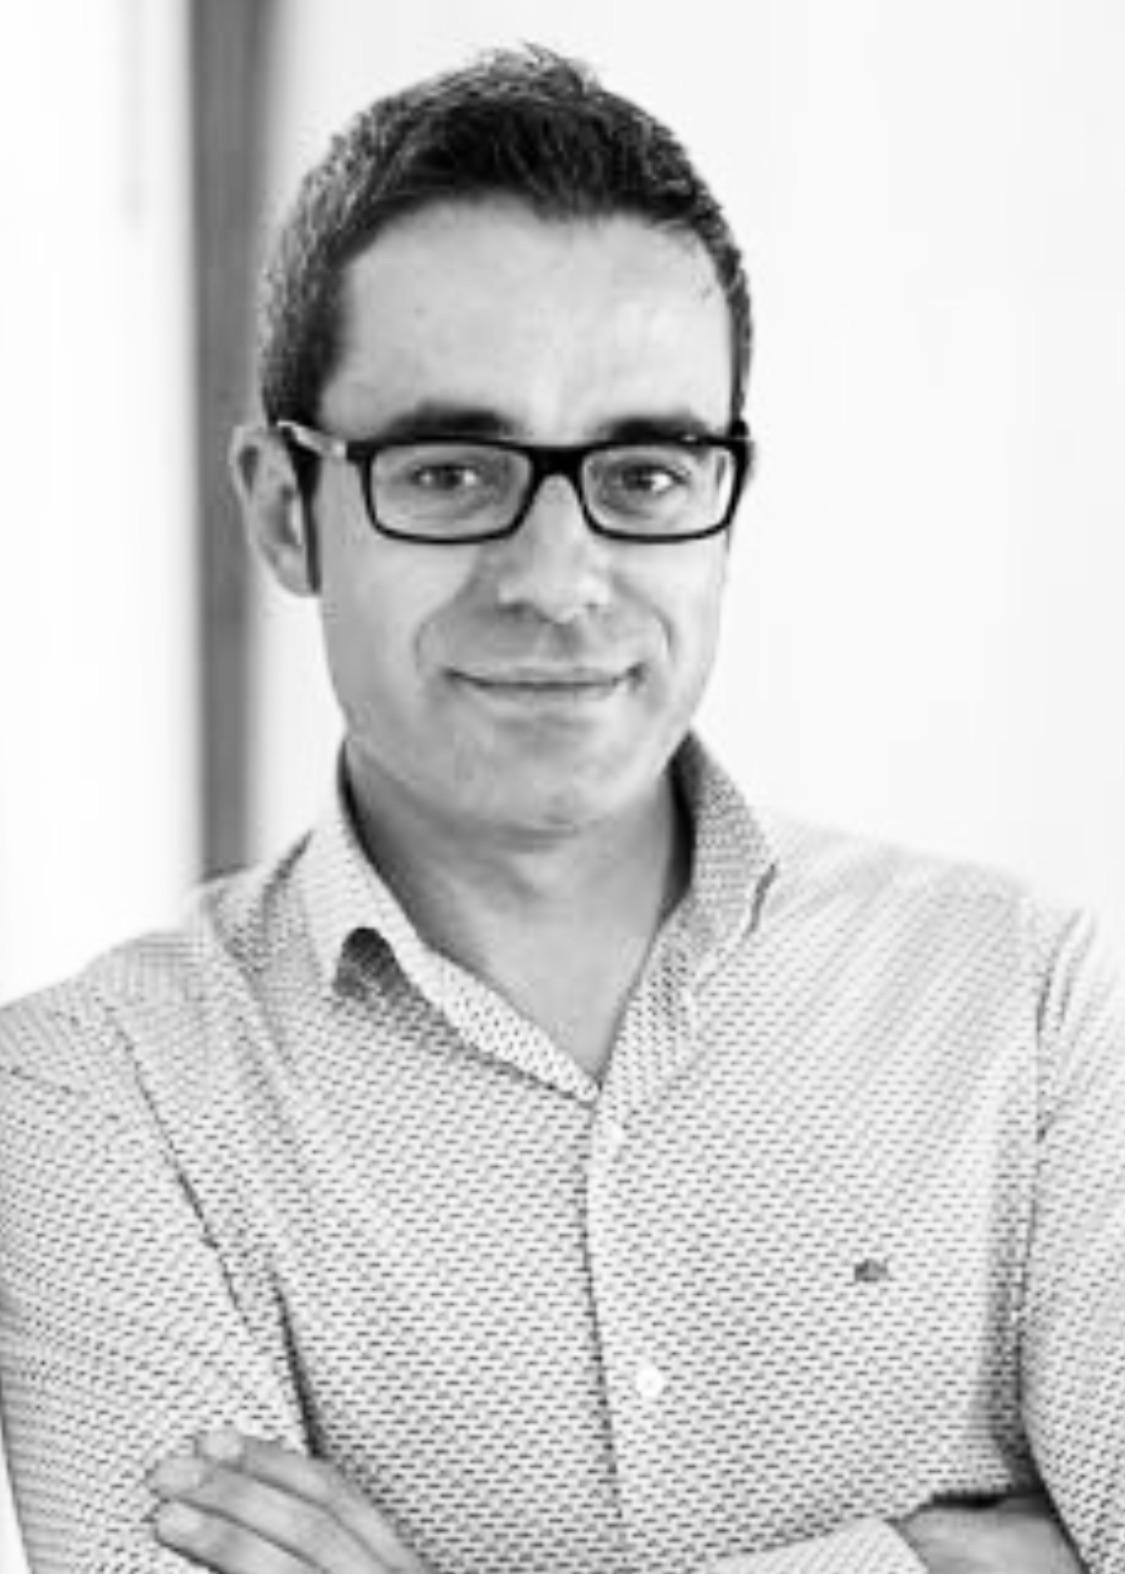 Antonio Verdu